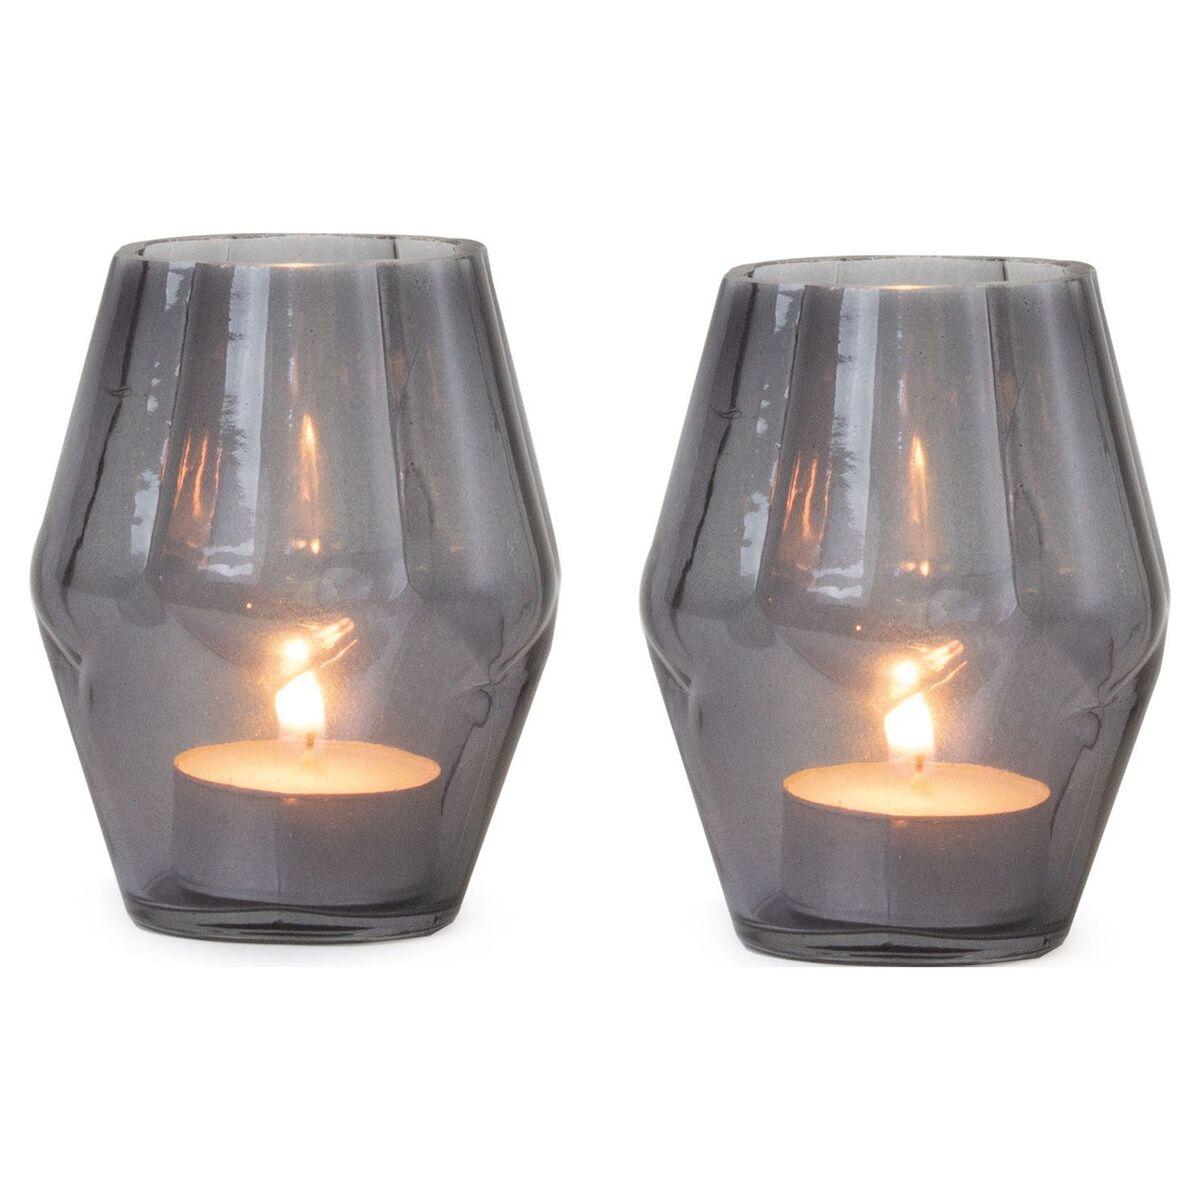 Bild 3 von CASA DECO Windlicht/Teelichthalter